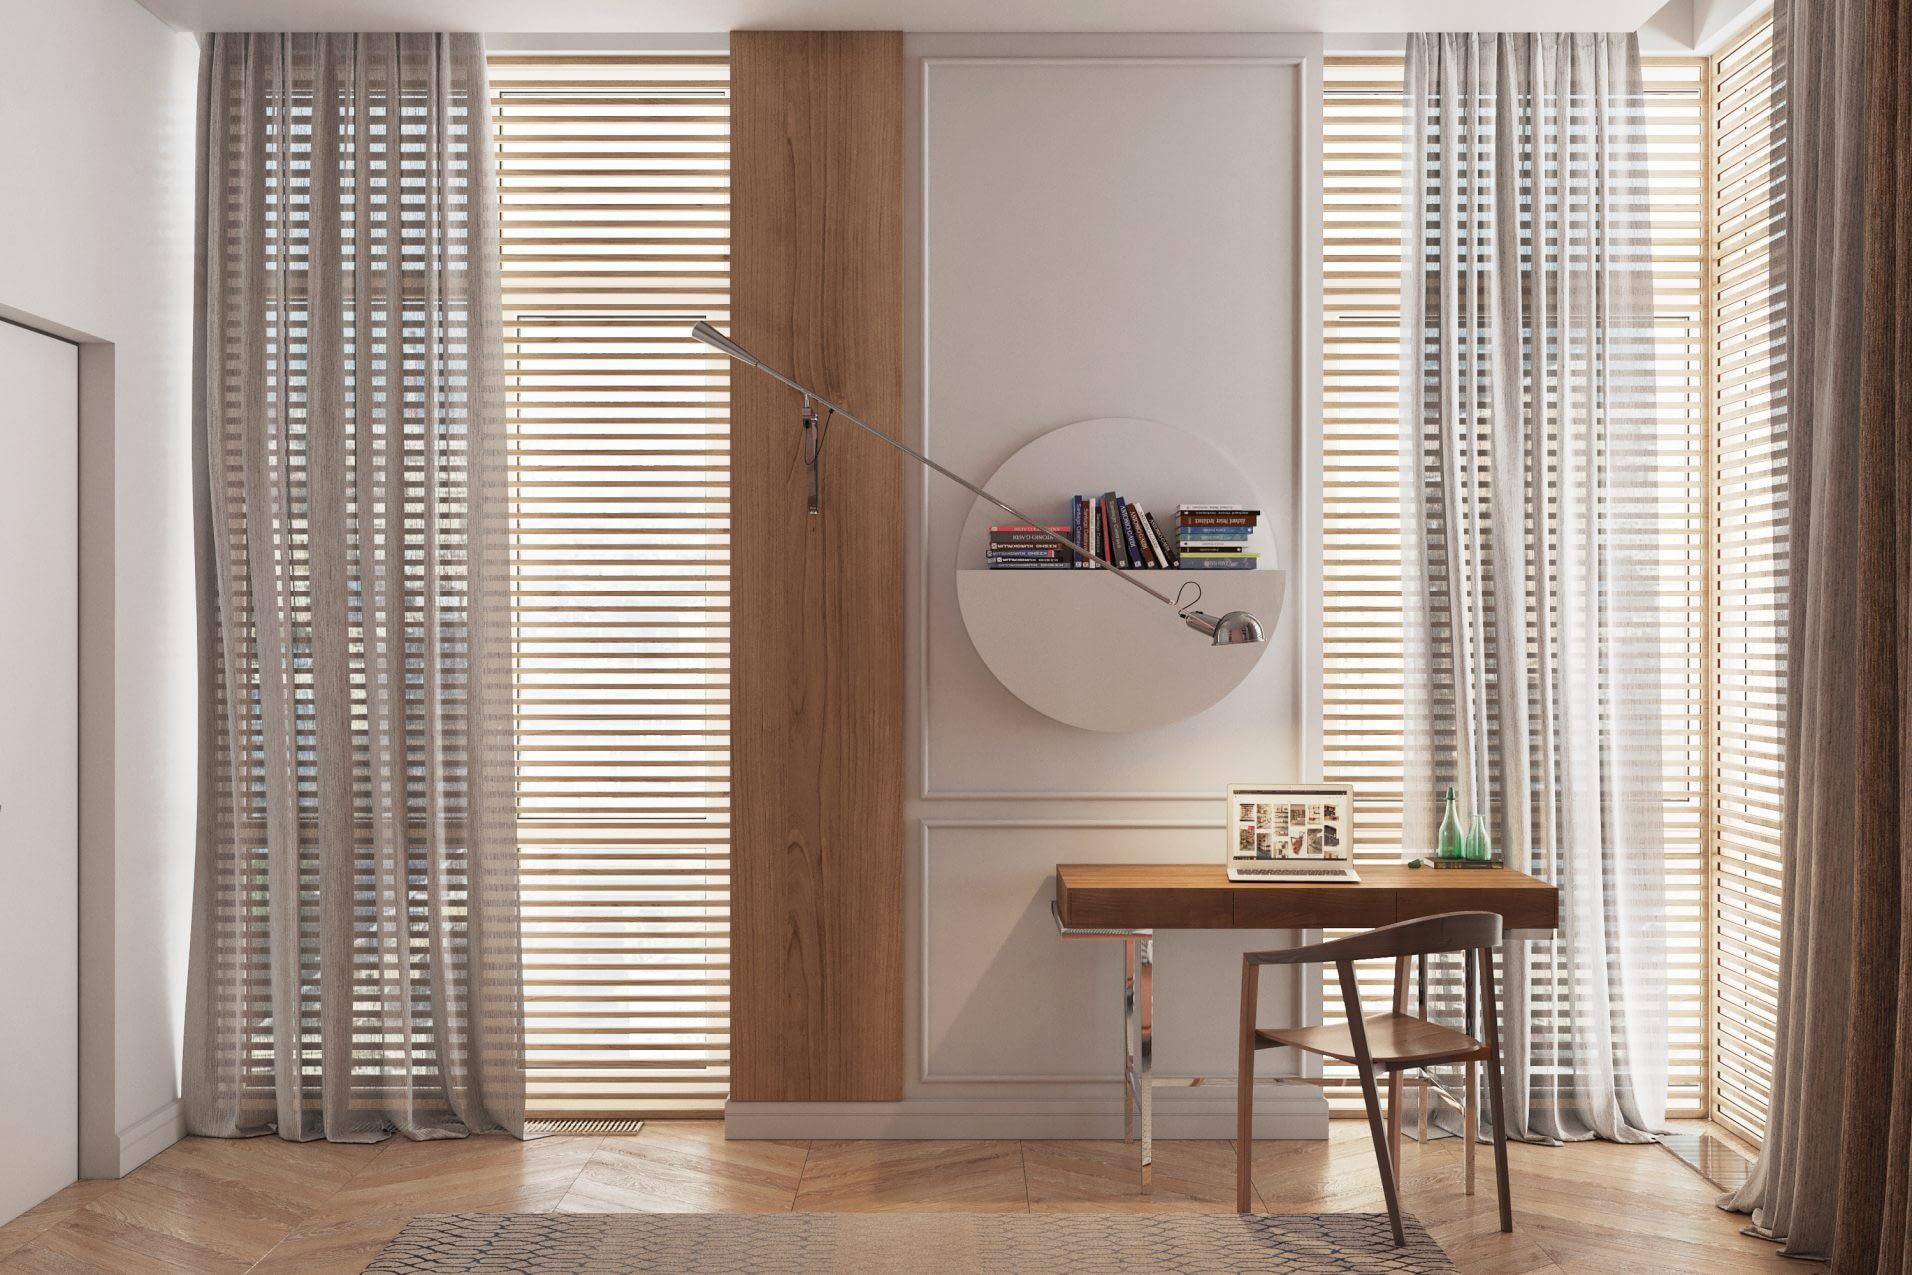 дизайн интерьера квартиры в ЖК Риверстоун